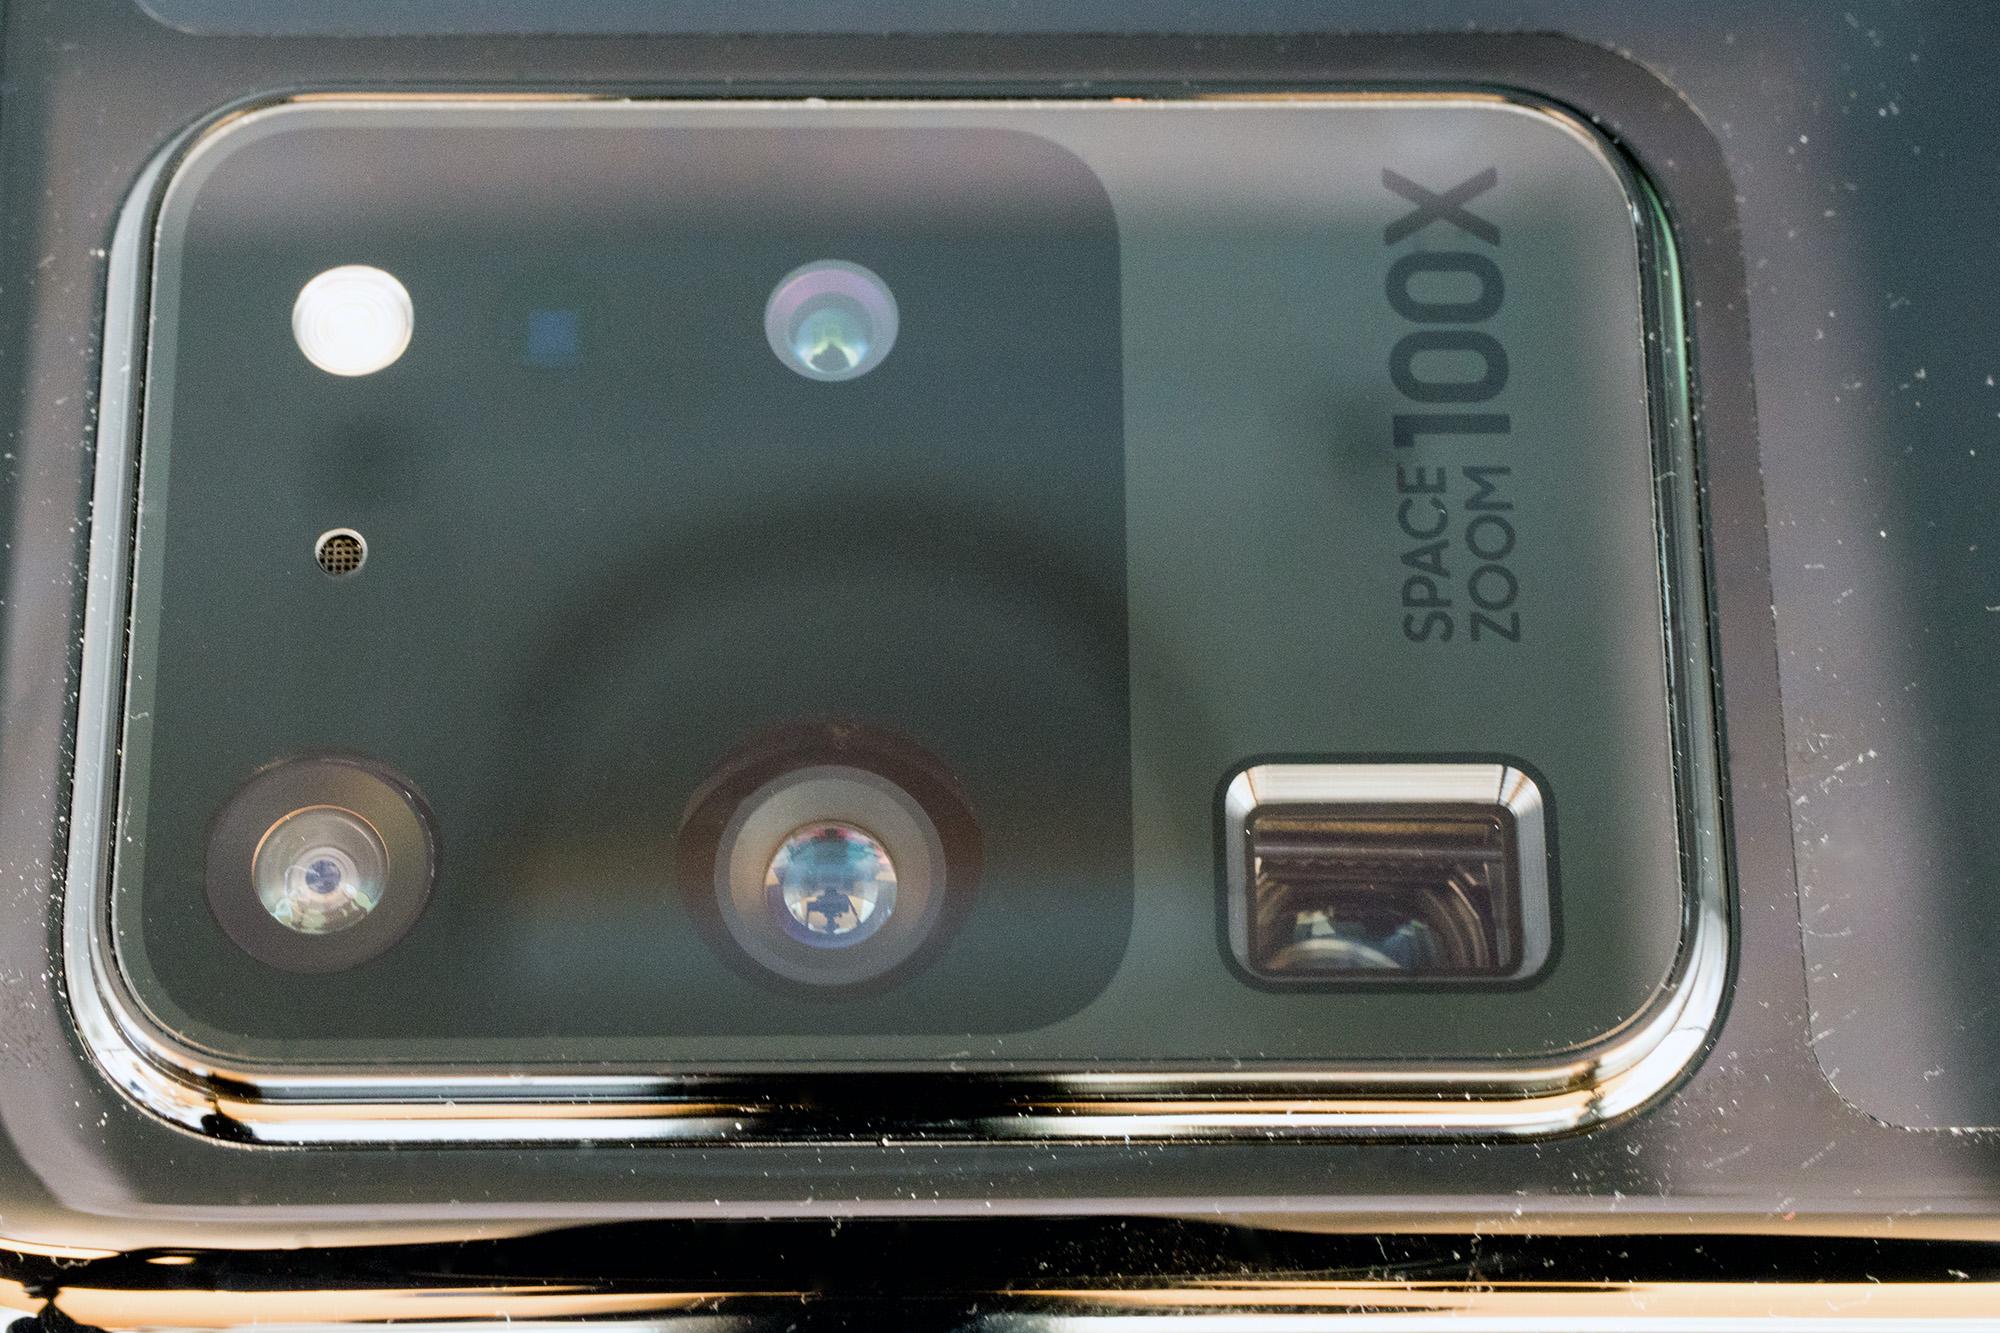 Kameras des Samsung Galaxy S20 Ultra 5G